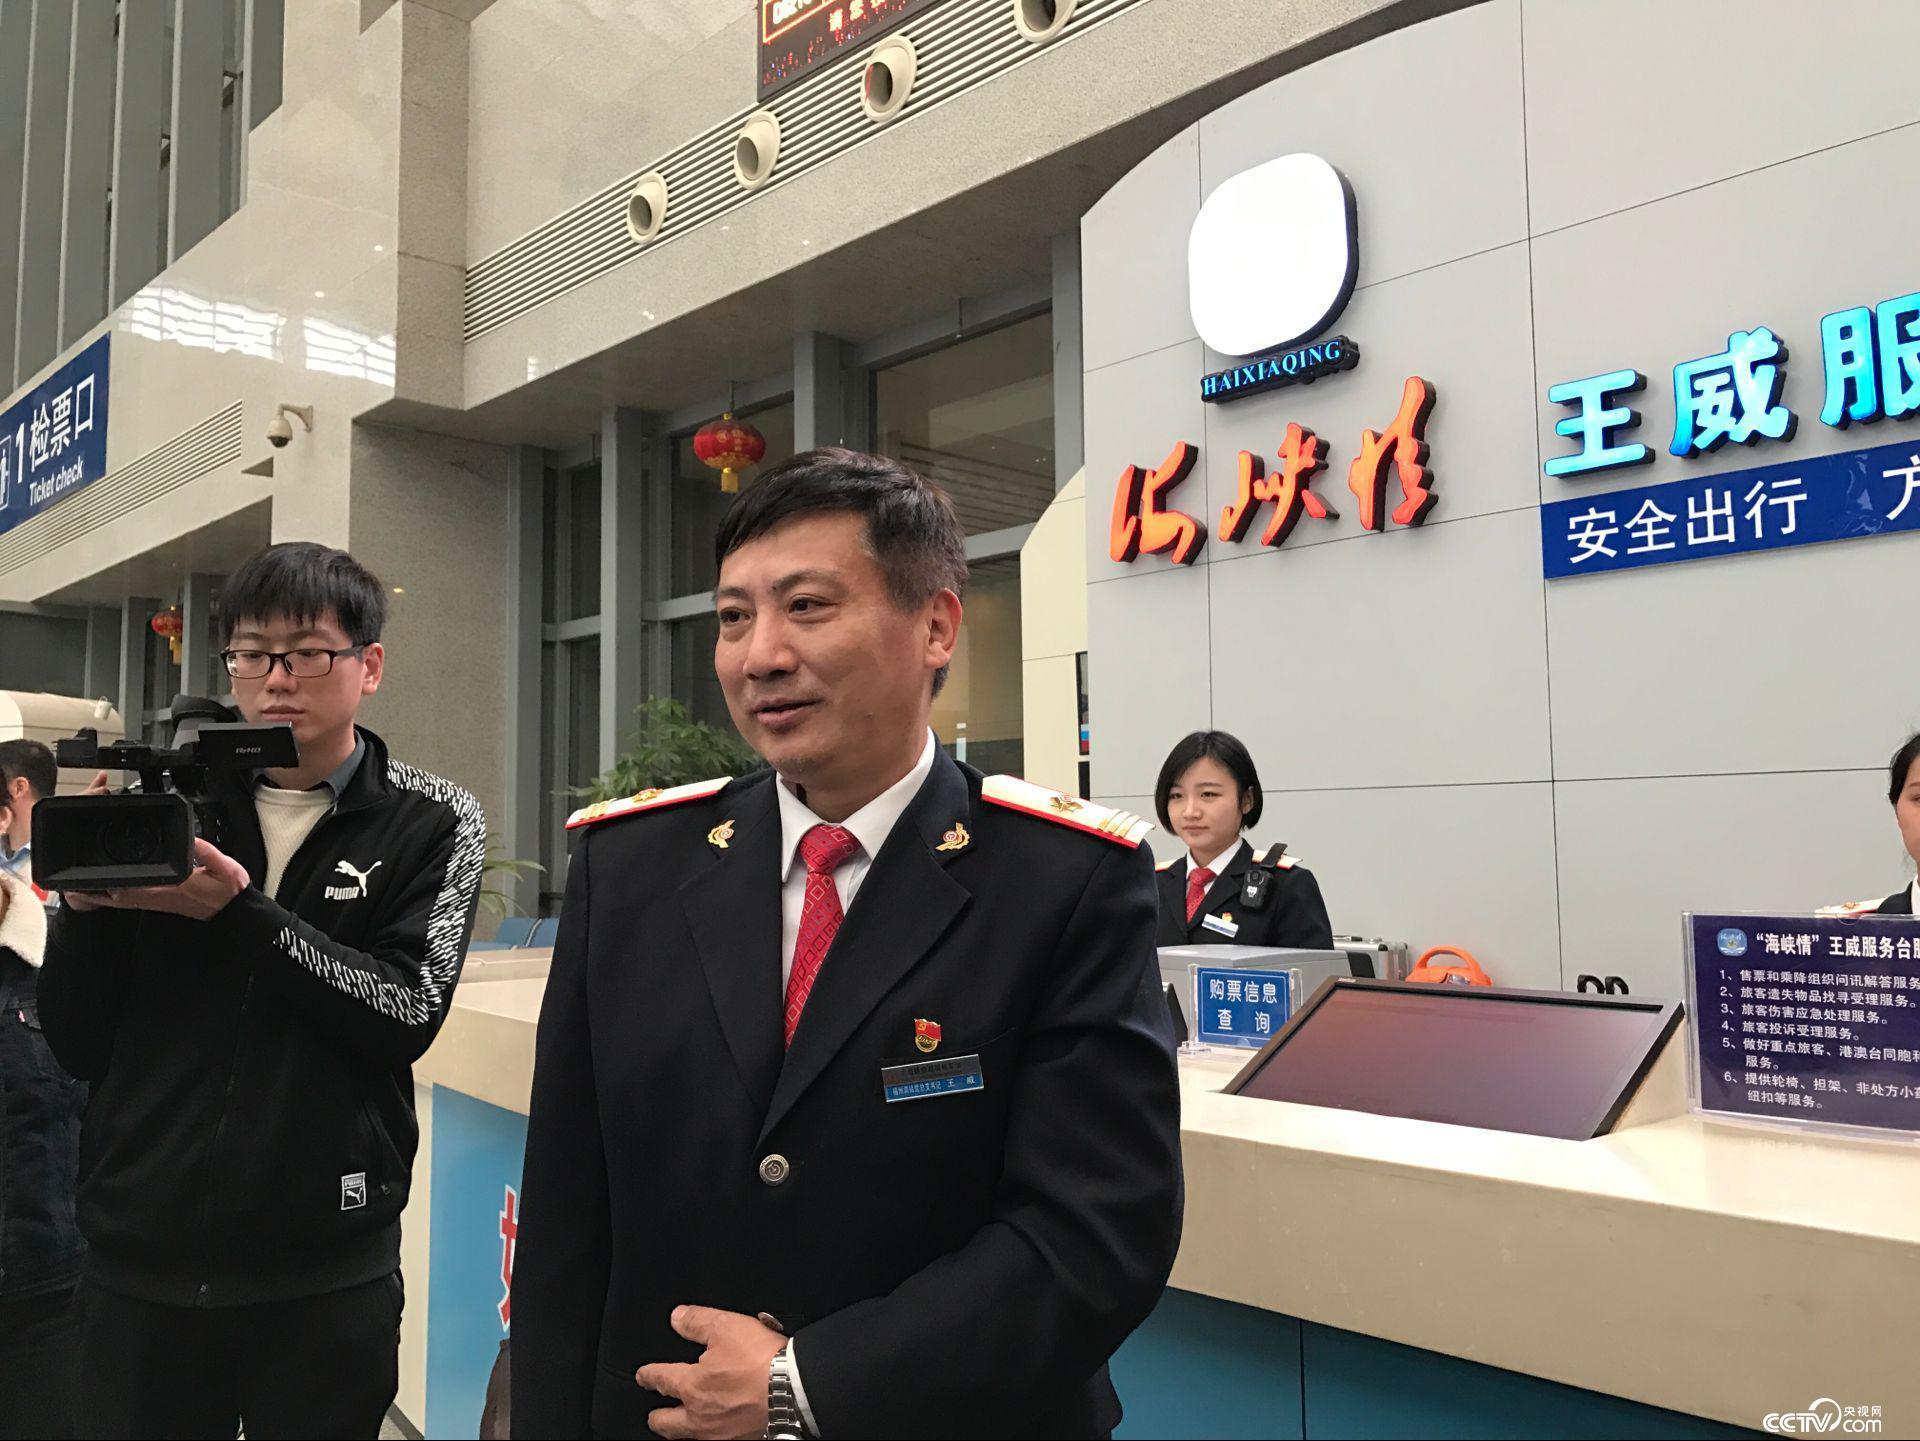 如何让旅客走好成了王威服务台的新目标。(孔华/摄)